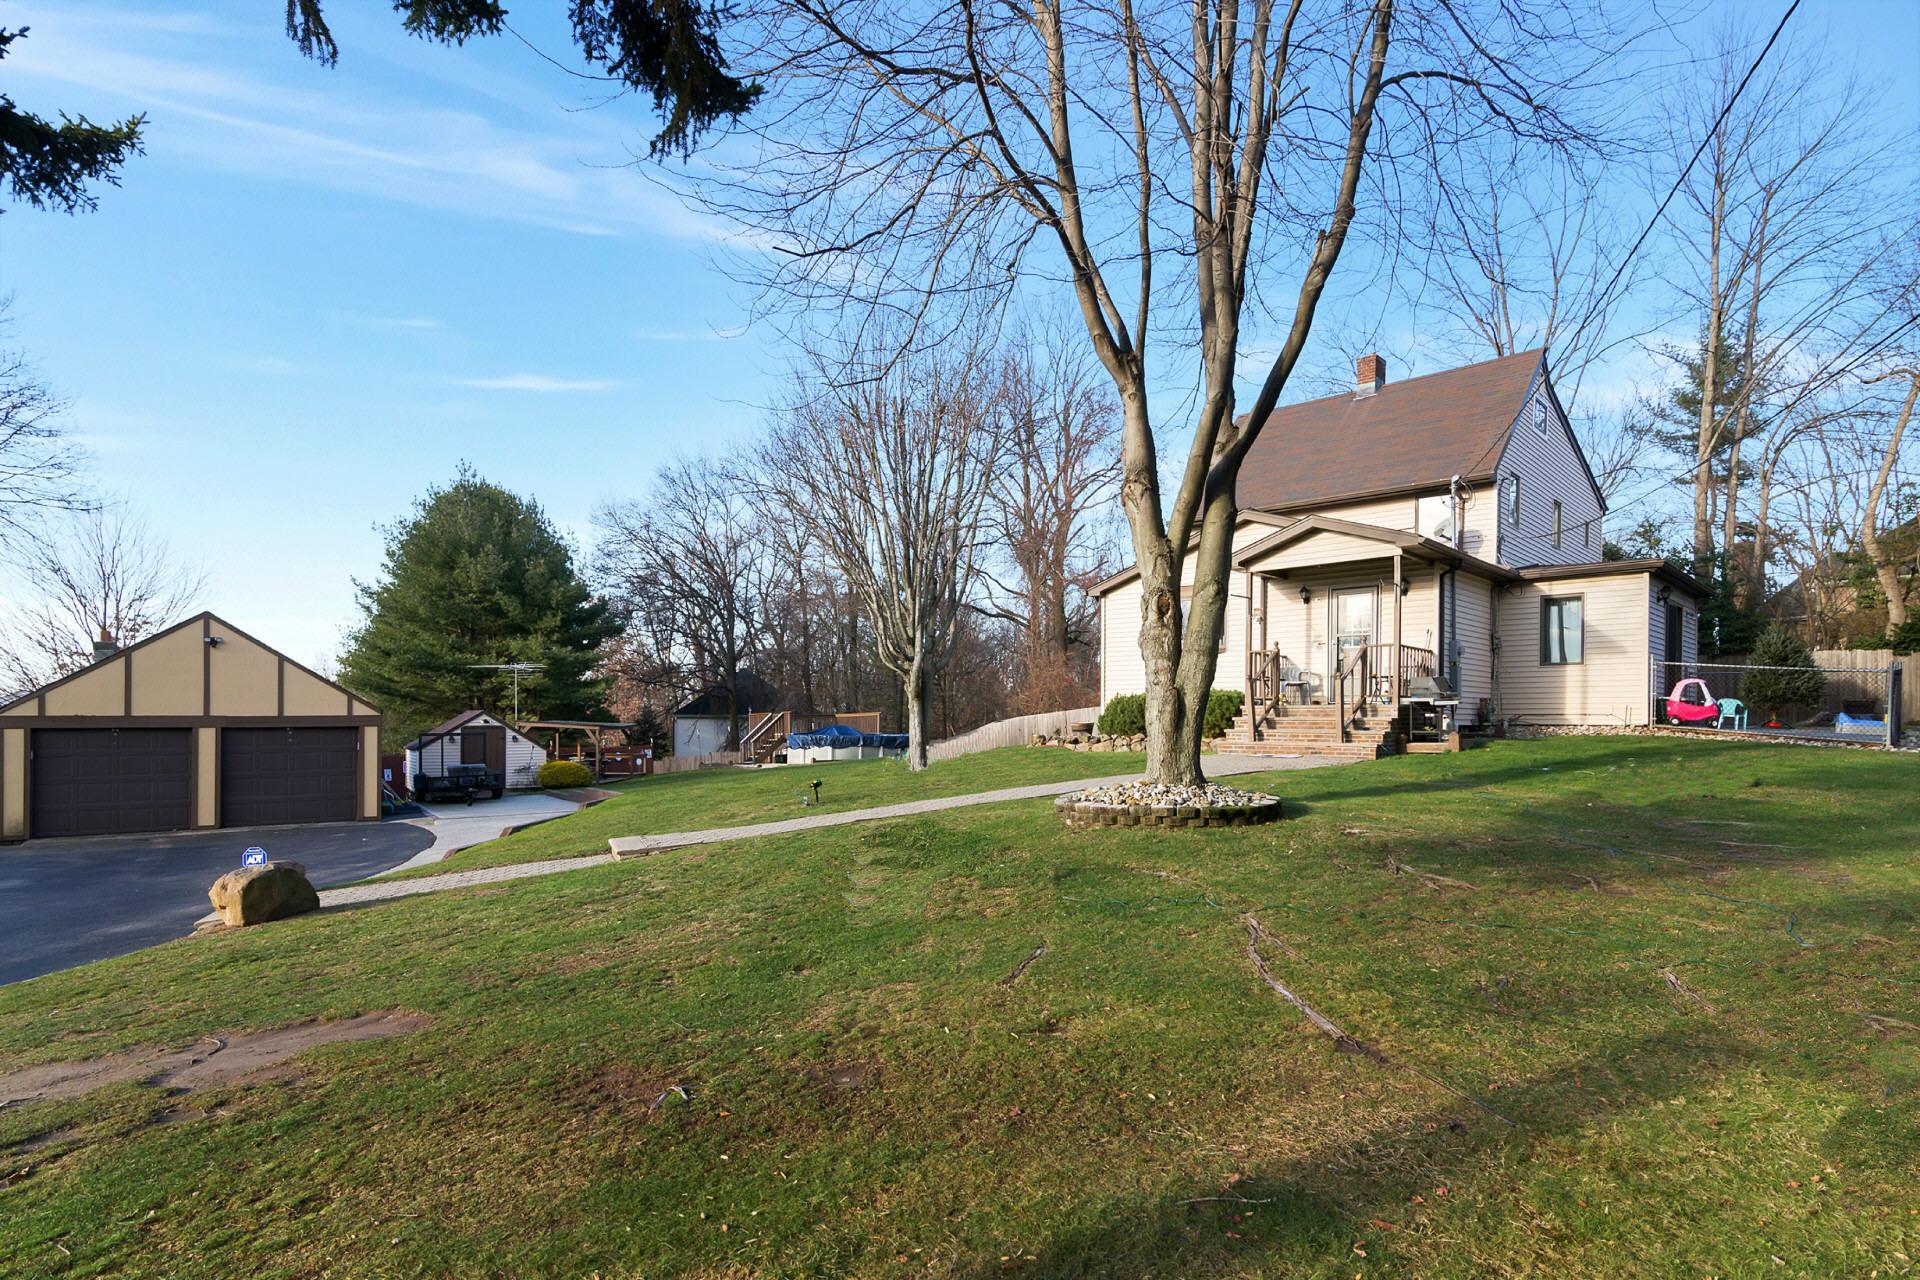 Casa Unifamiliar por un Venta en East Hill Opportunity 376 Anderson Ave Closter, Nueva Jersey 07624 Estados Unidos